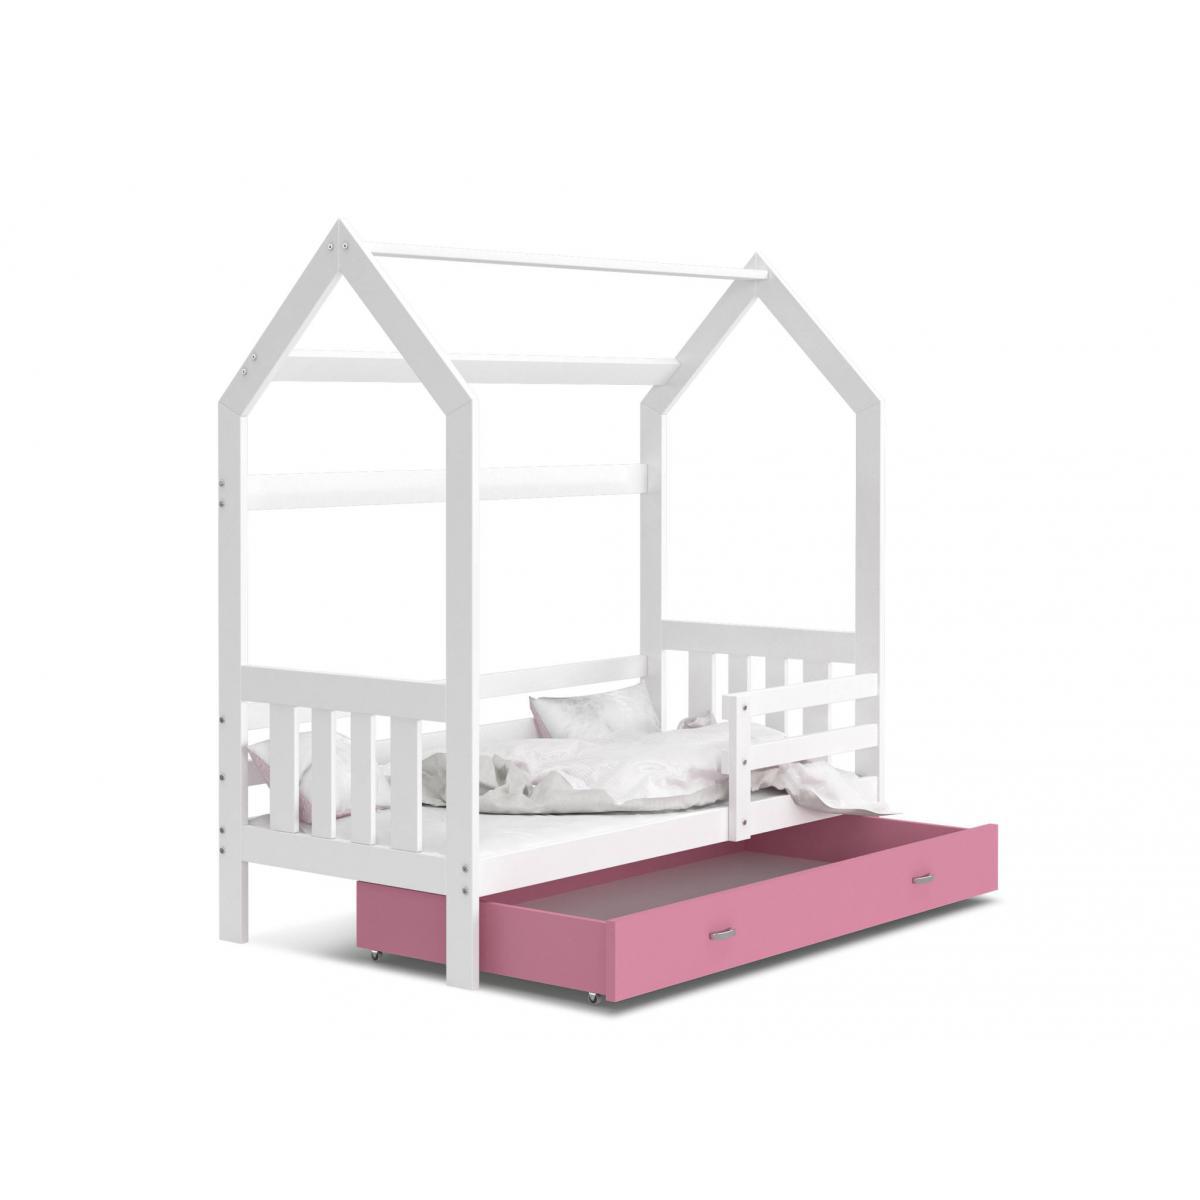 Kids Literie Lit cabane 2 Blanc-Rose 80x160livré avec sommier, tiroir et matelas de 7cm OFFERT.